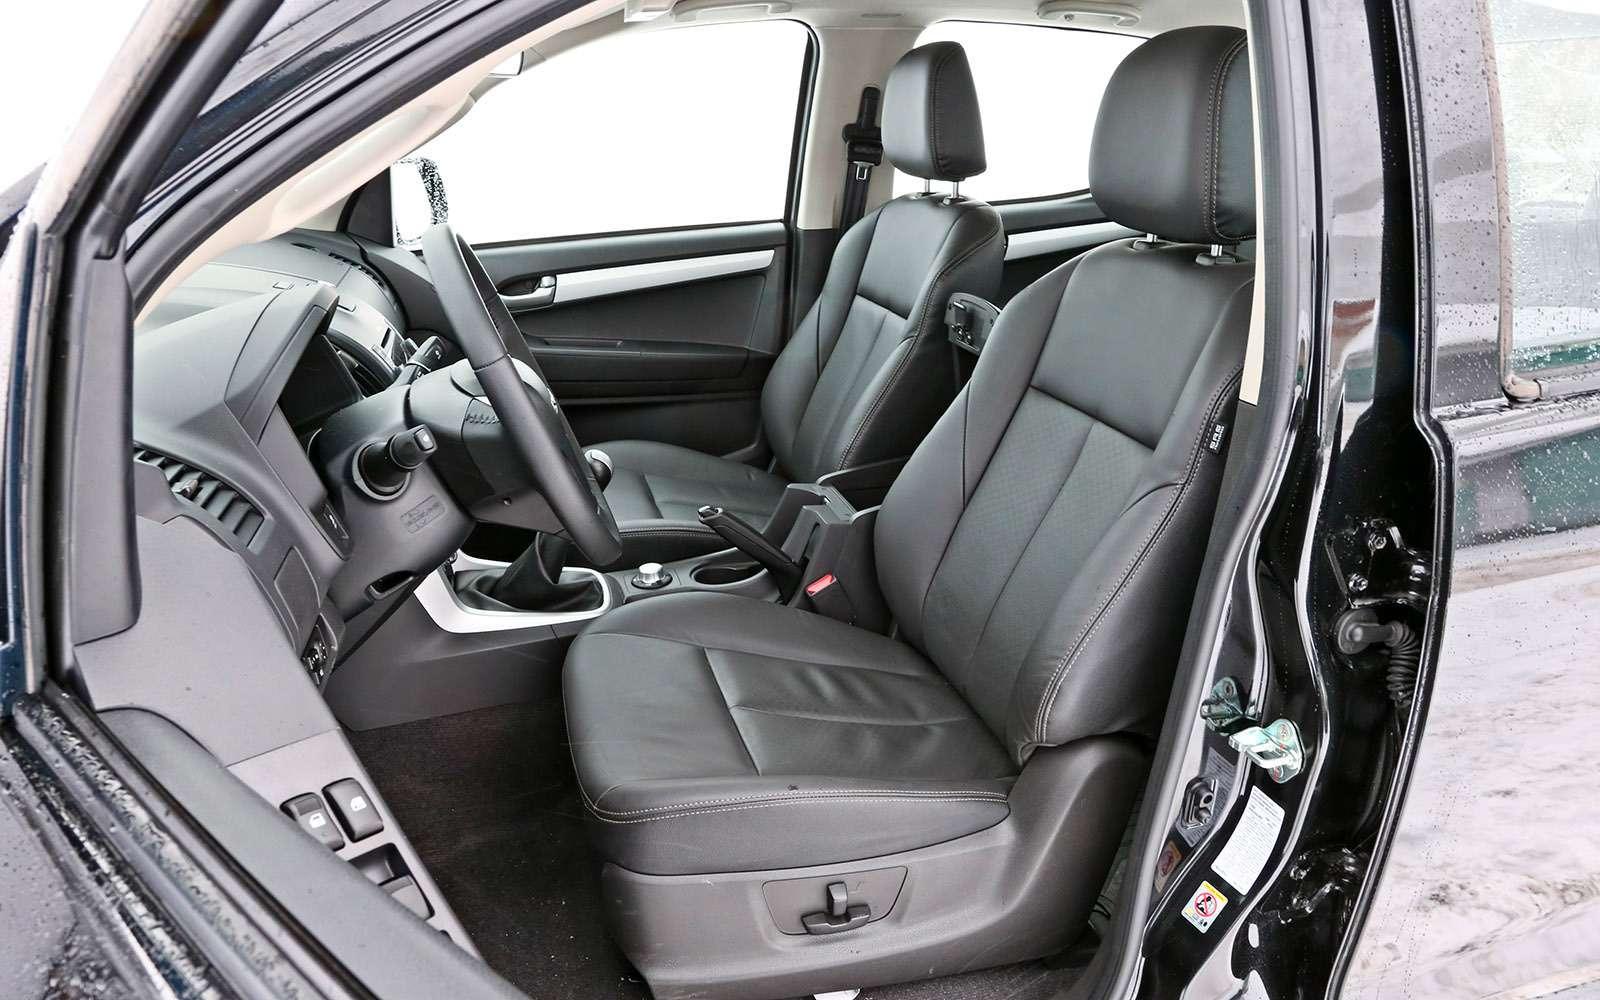 Пикапы Isuzu D-Max, Mitsubishi L200и Toyota Hilux: на«обортаж»!— фото 698424